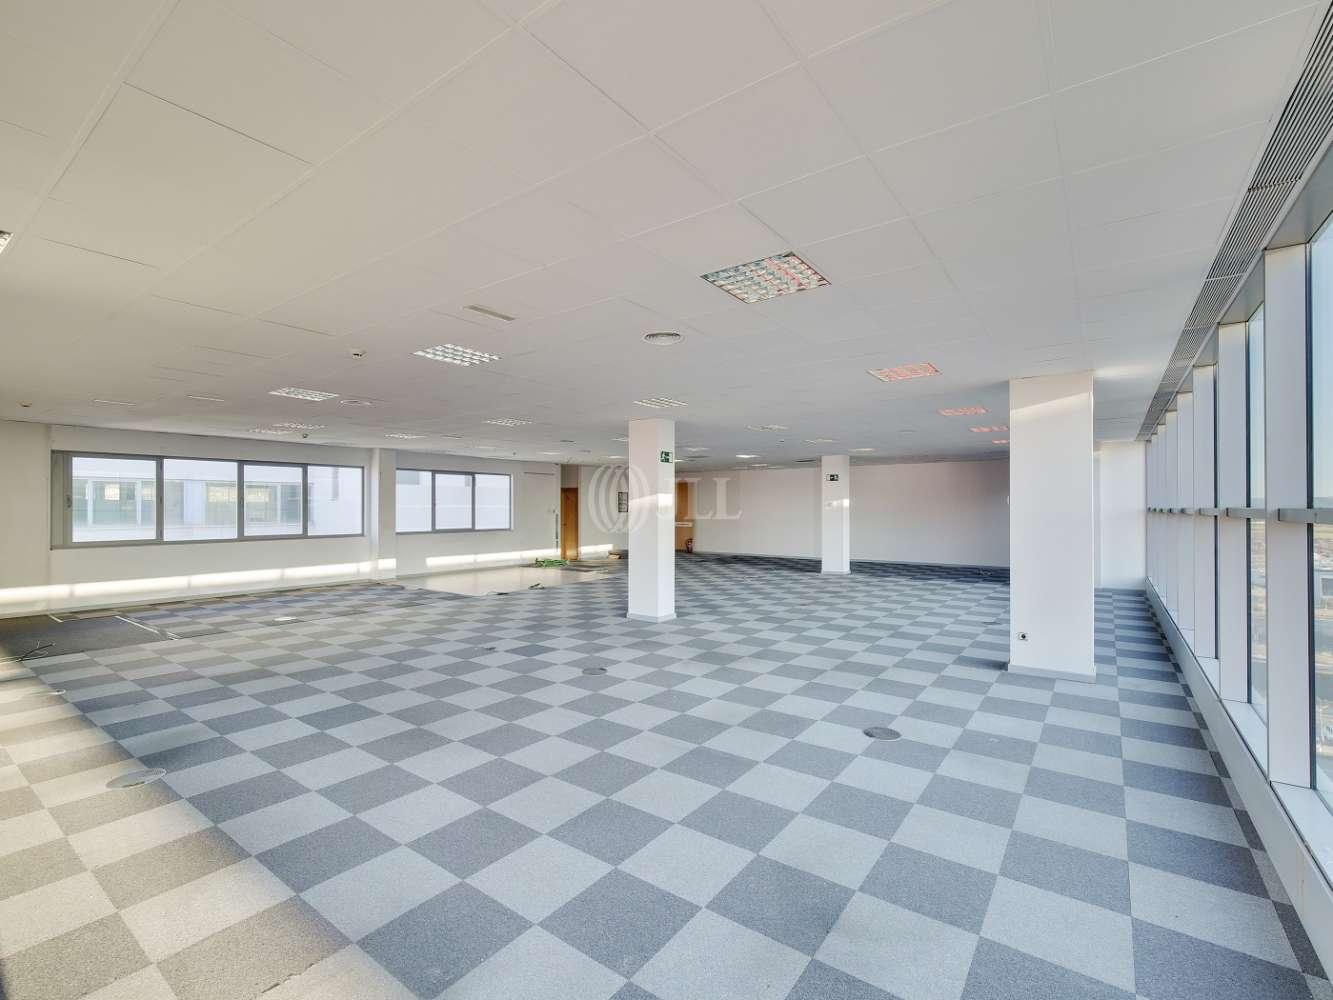 Oficina Rivas-vaciamadrid, 28521 - 521 Hub. Edificio 2 - 14509